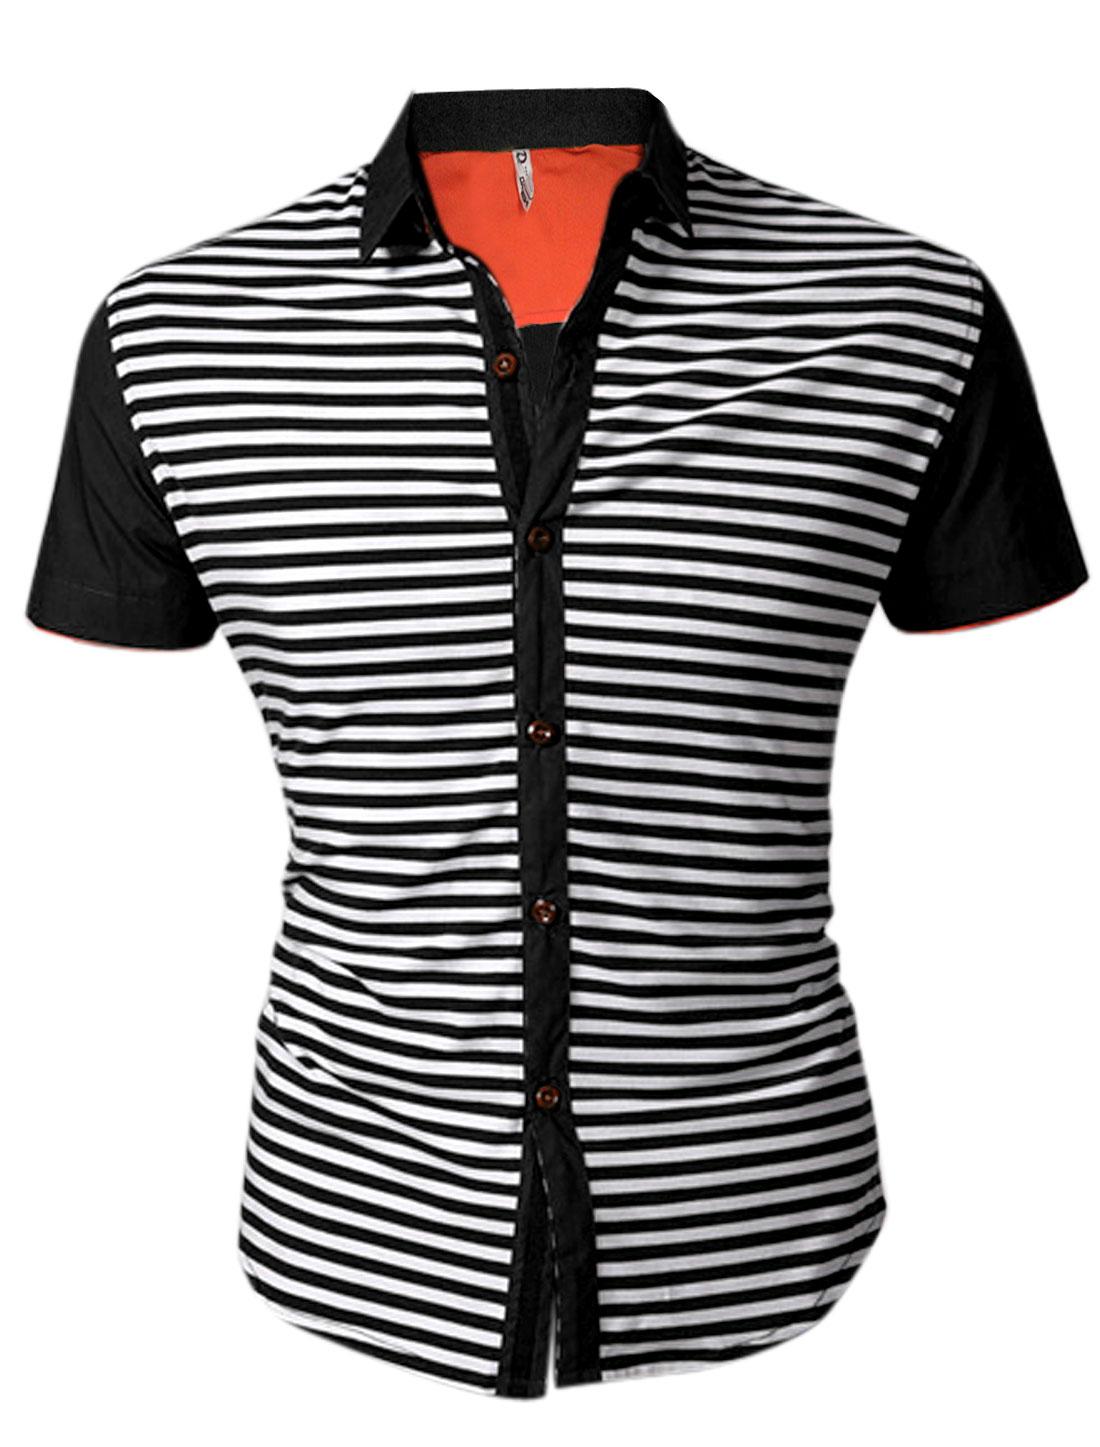 Men Stripes Short Sleeves Point Collar Black White Shirt M